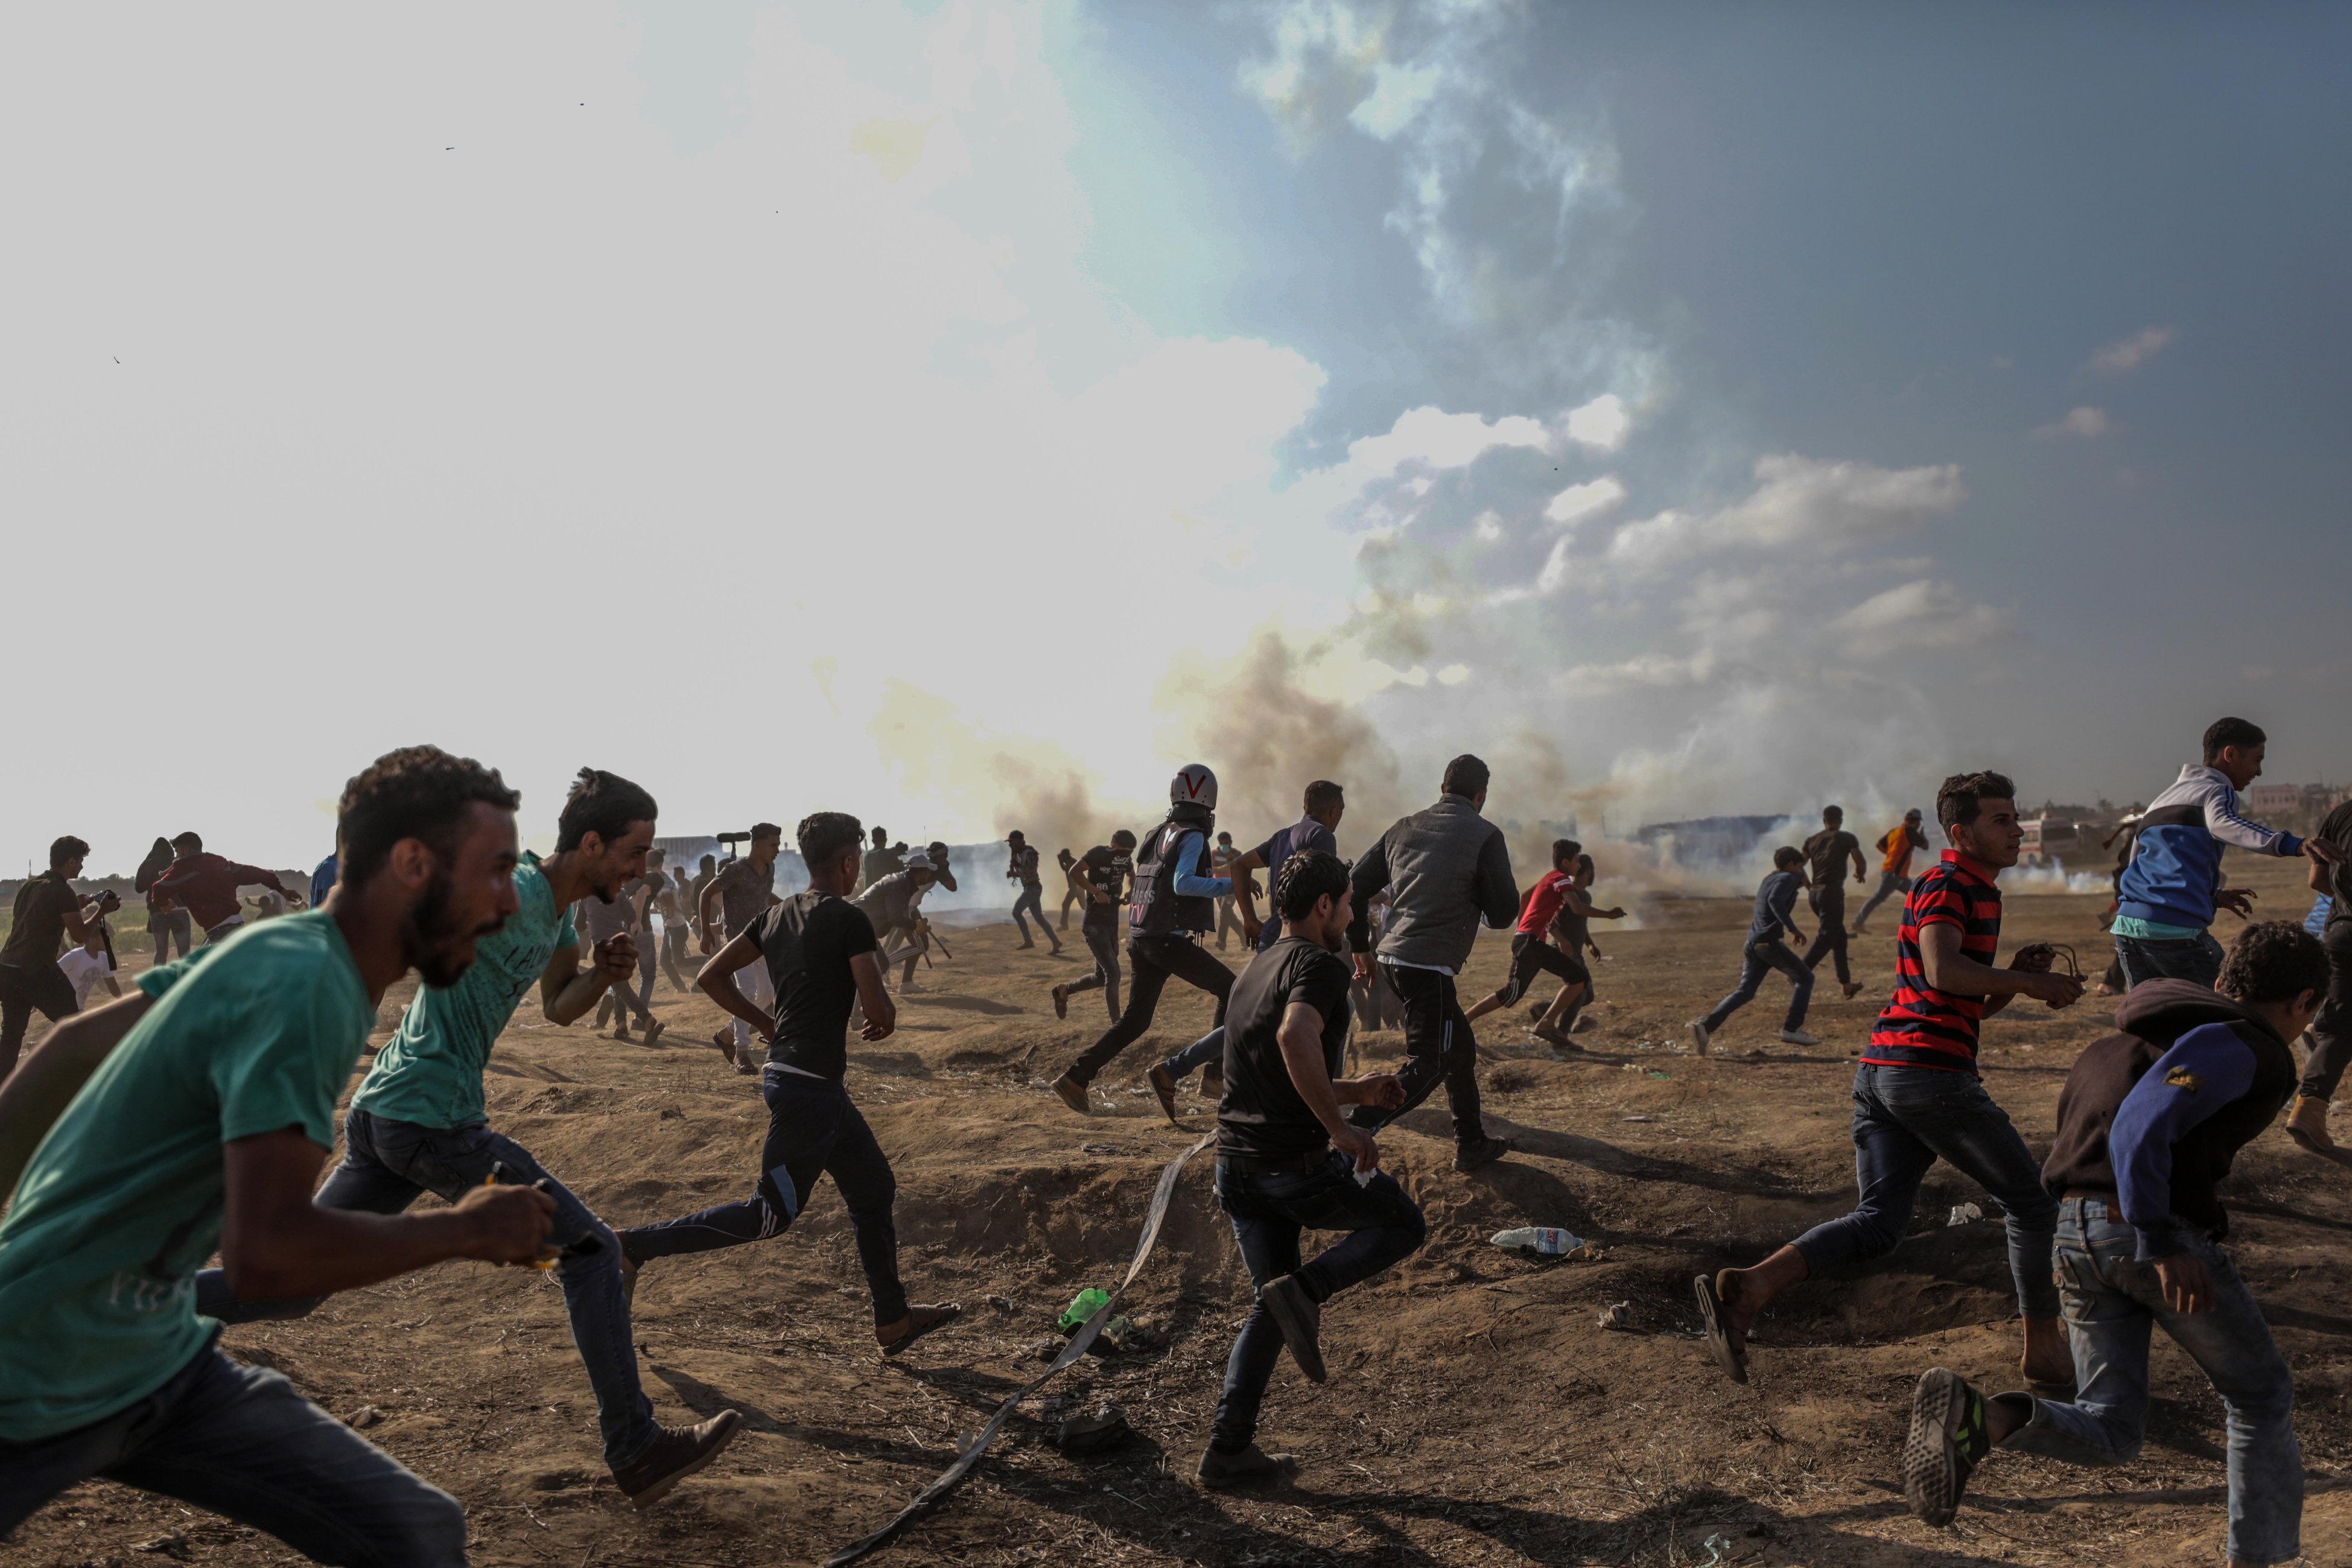 Izrael tvrdi da je Hamas smanjio prosvjede u Gazi nakon pritiska Egipta